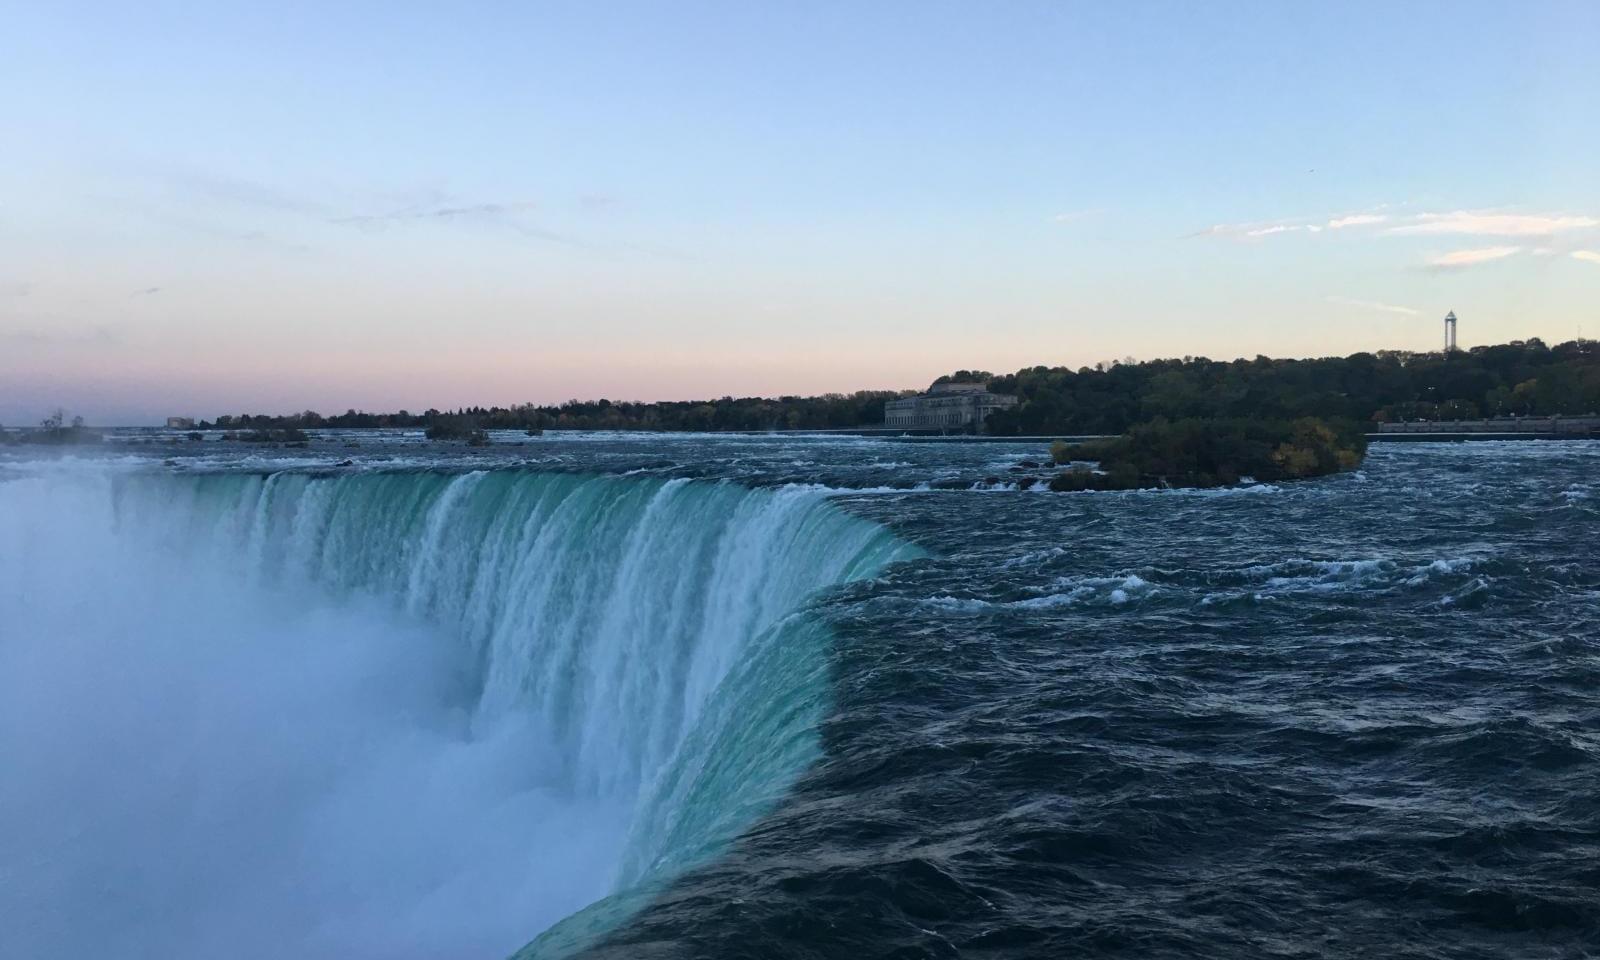 Tagesausflug Zu Den Niagara Fällen Mein Bericht Video Tipps 2019